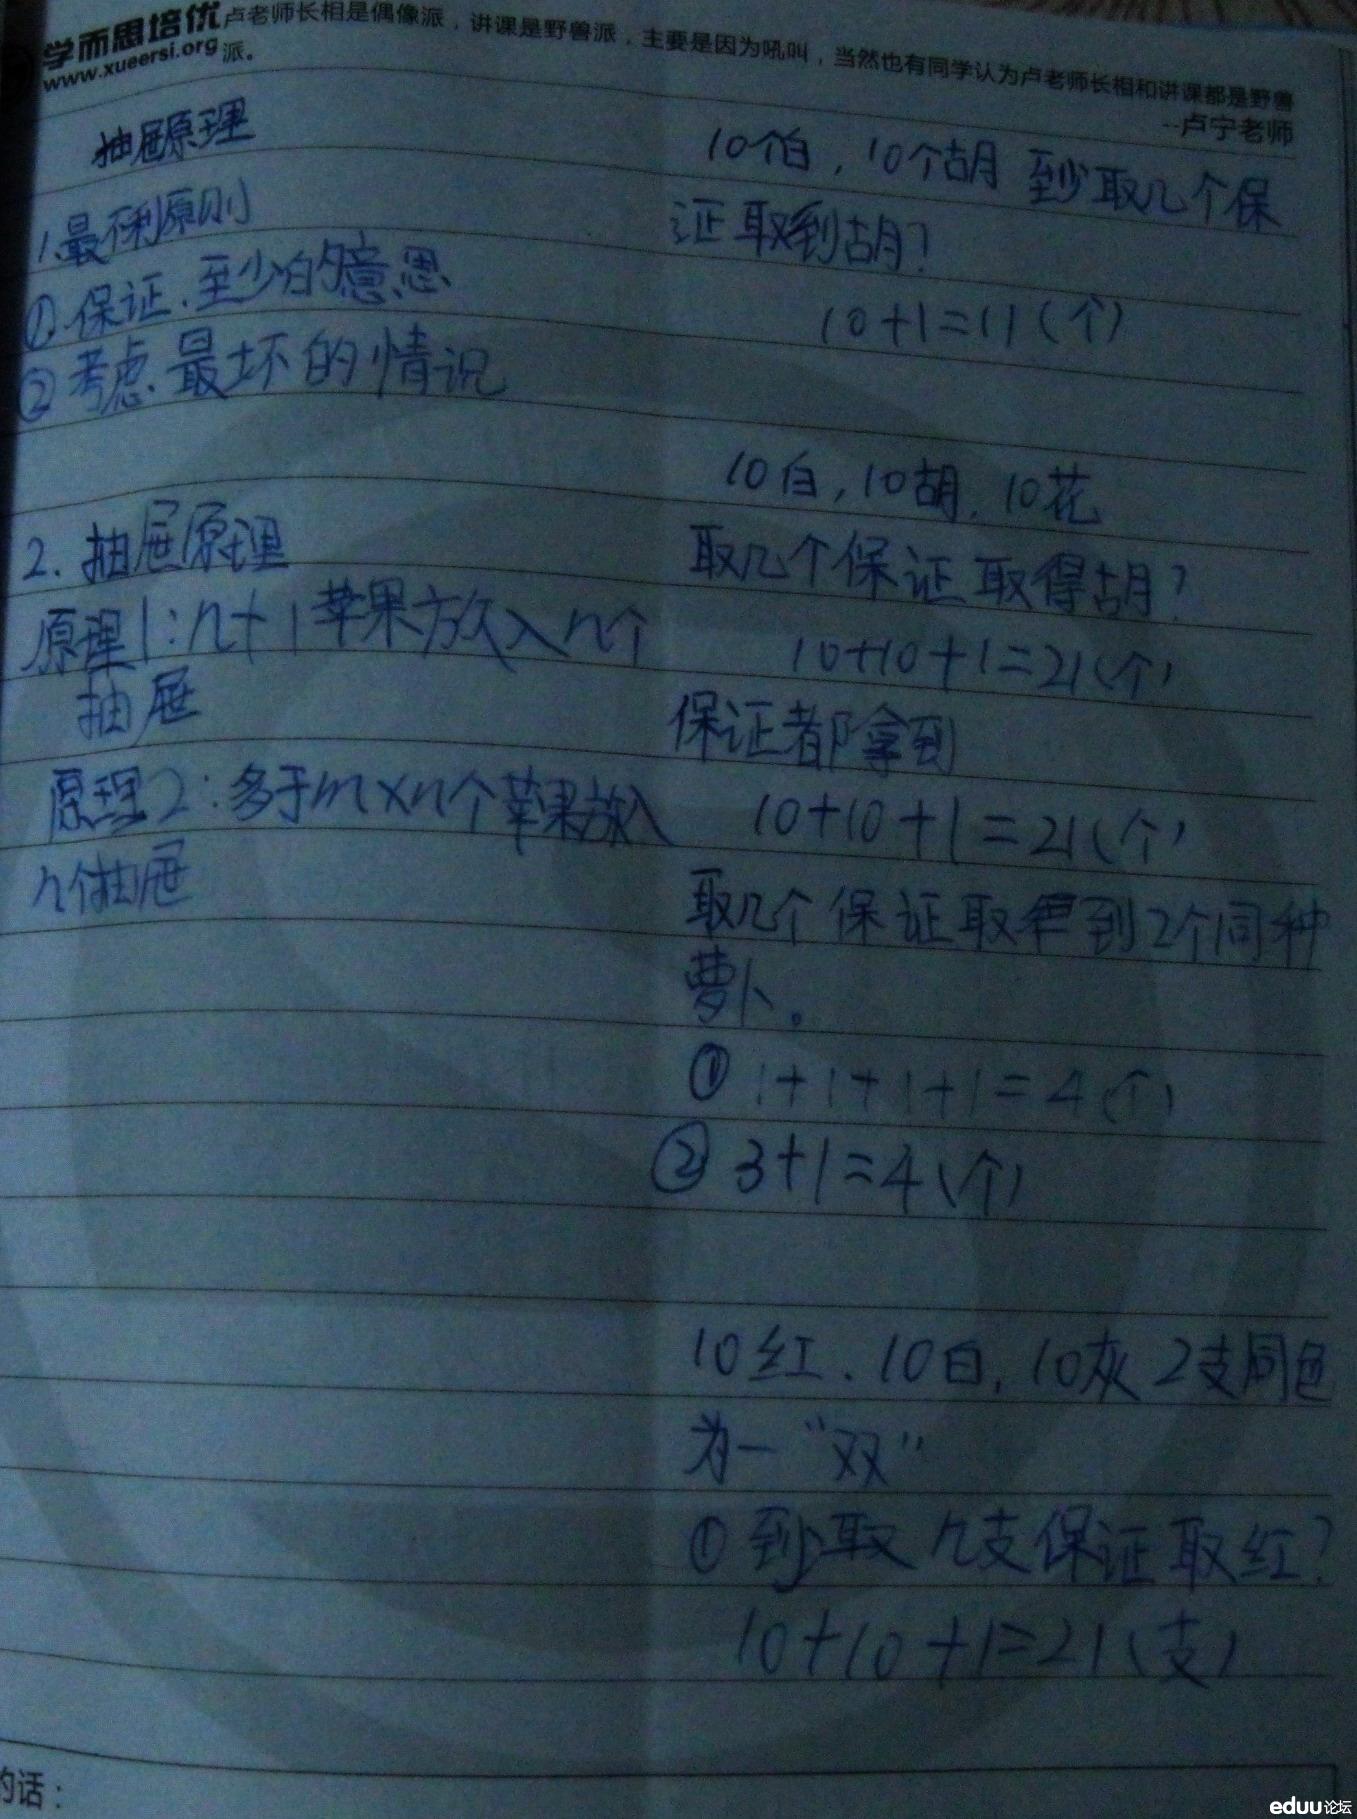 程若璇 四年级 奥数 笔记脑图